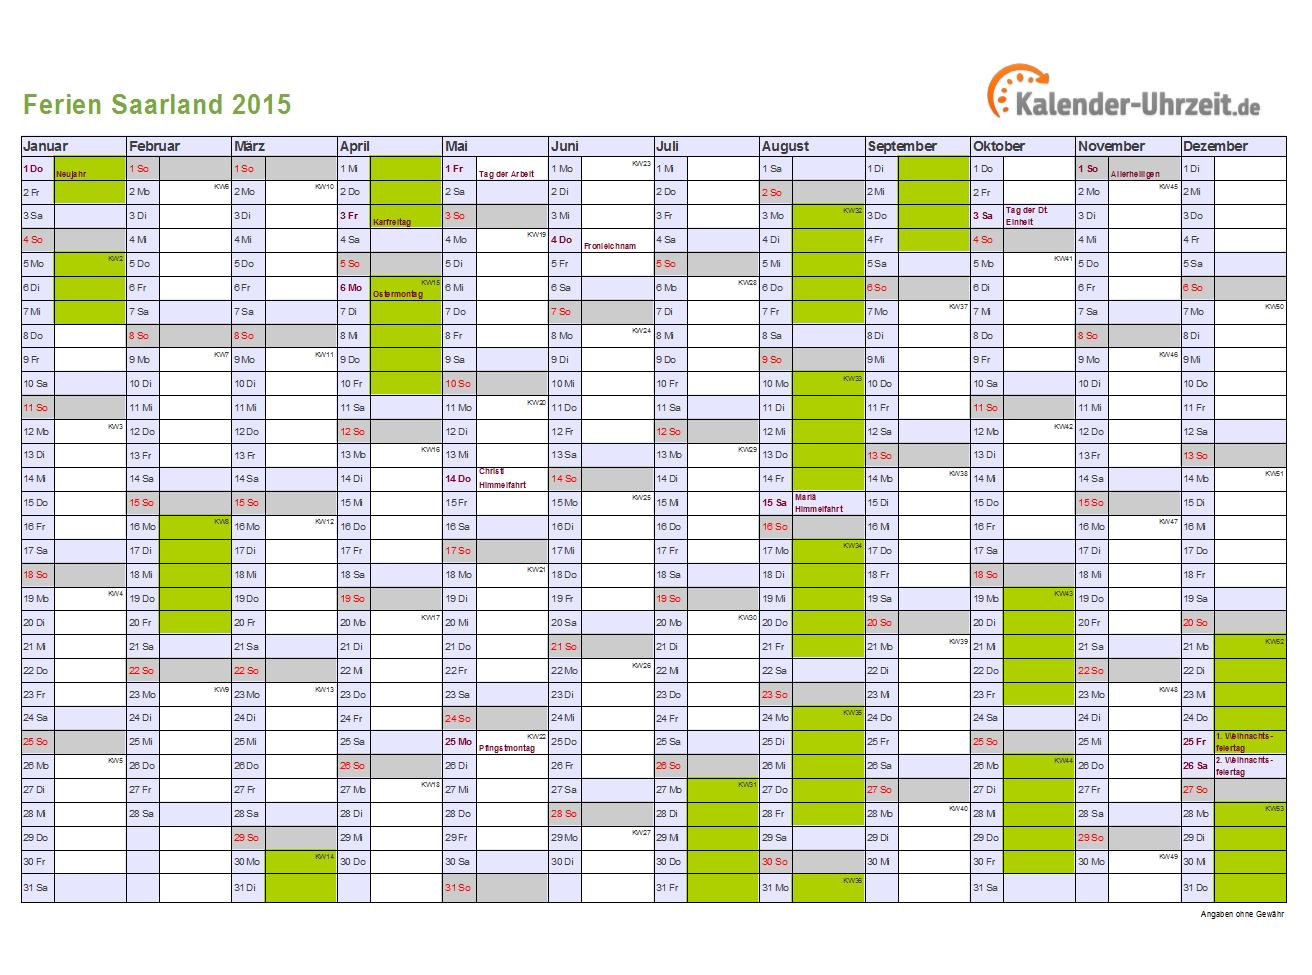 Kalender 2015 Saarland mit Ferien als Excel oder PDF ausdrucken DIN A4 ...